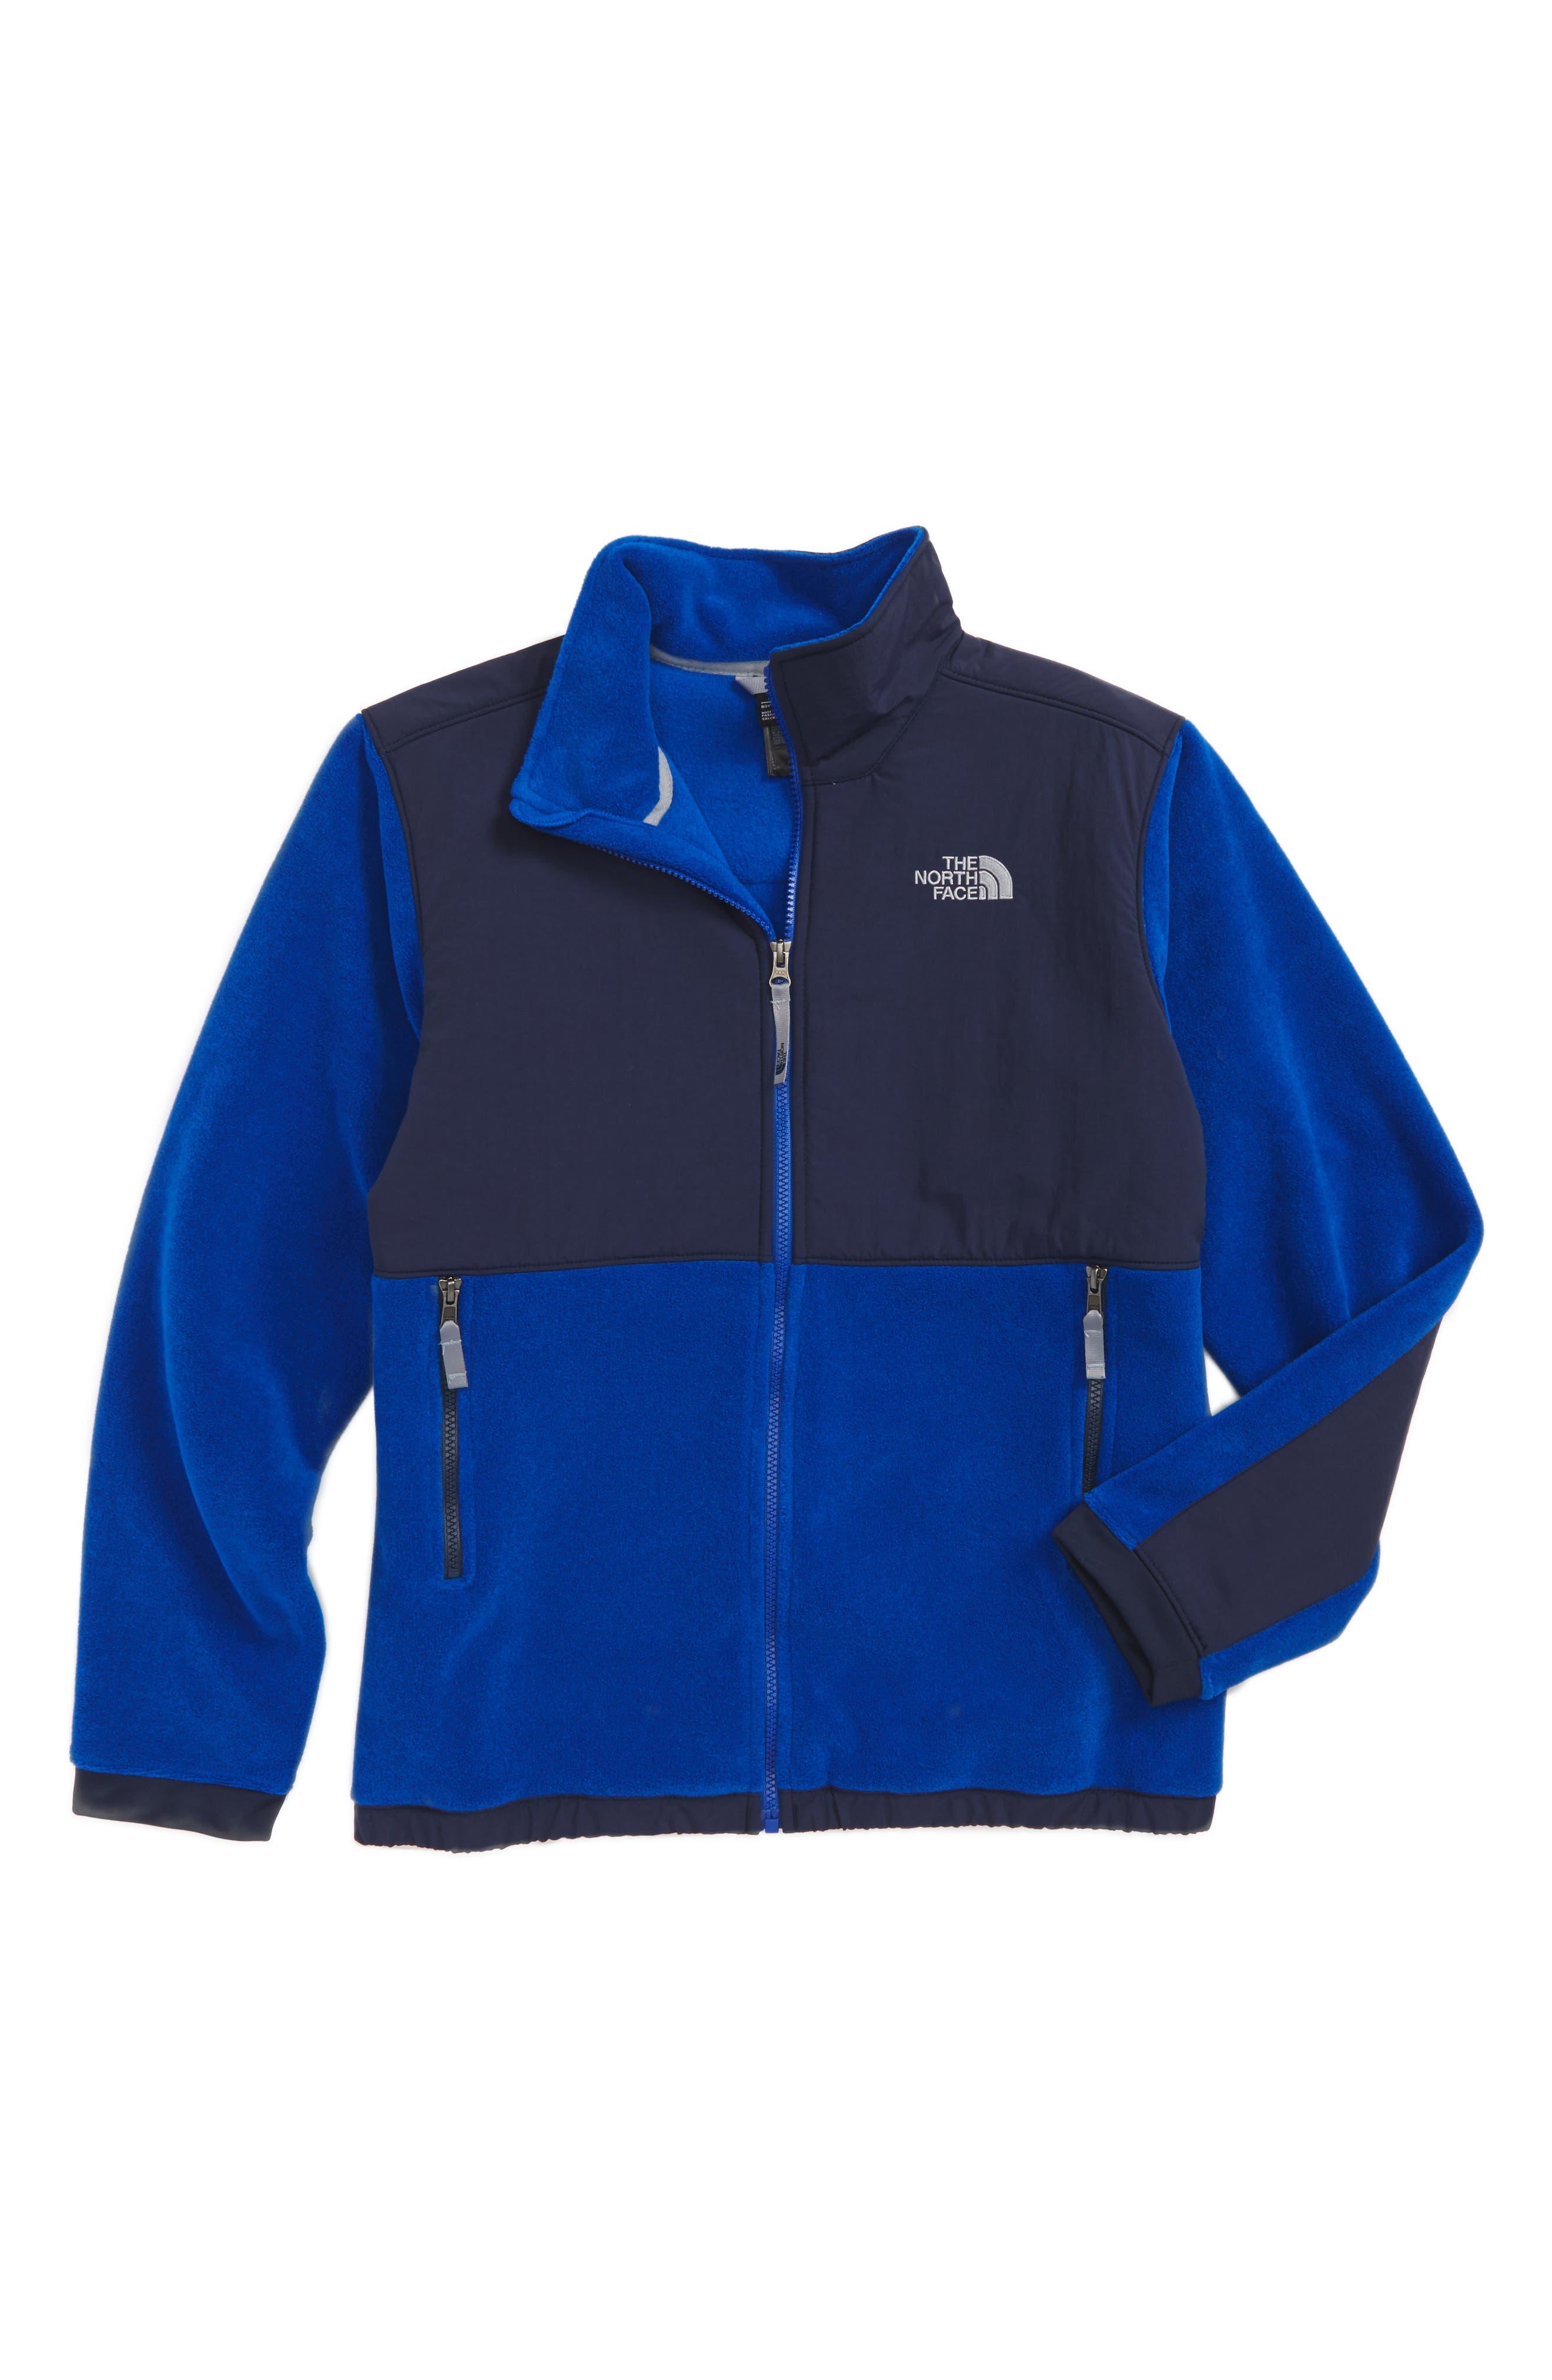 Main Image - The North Face 'Denali' Thermal Jacket (Big Boys)